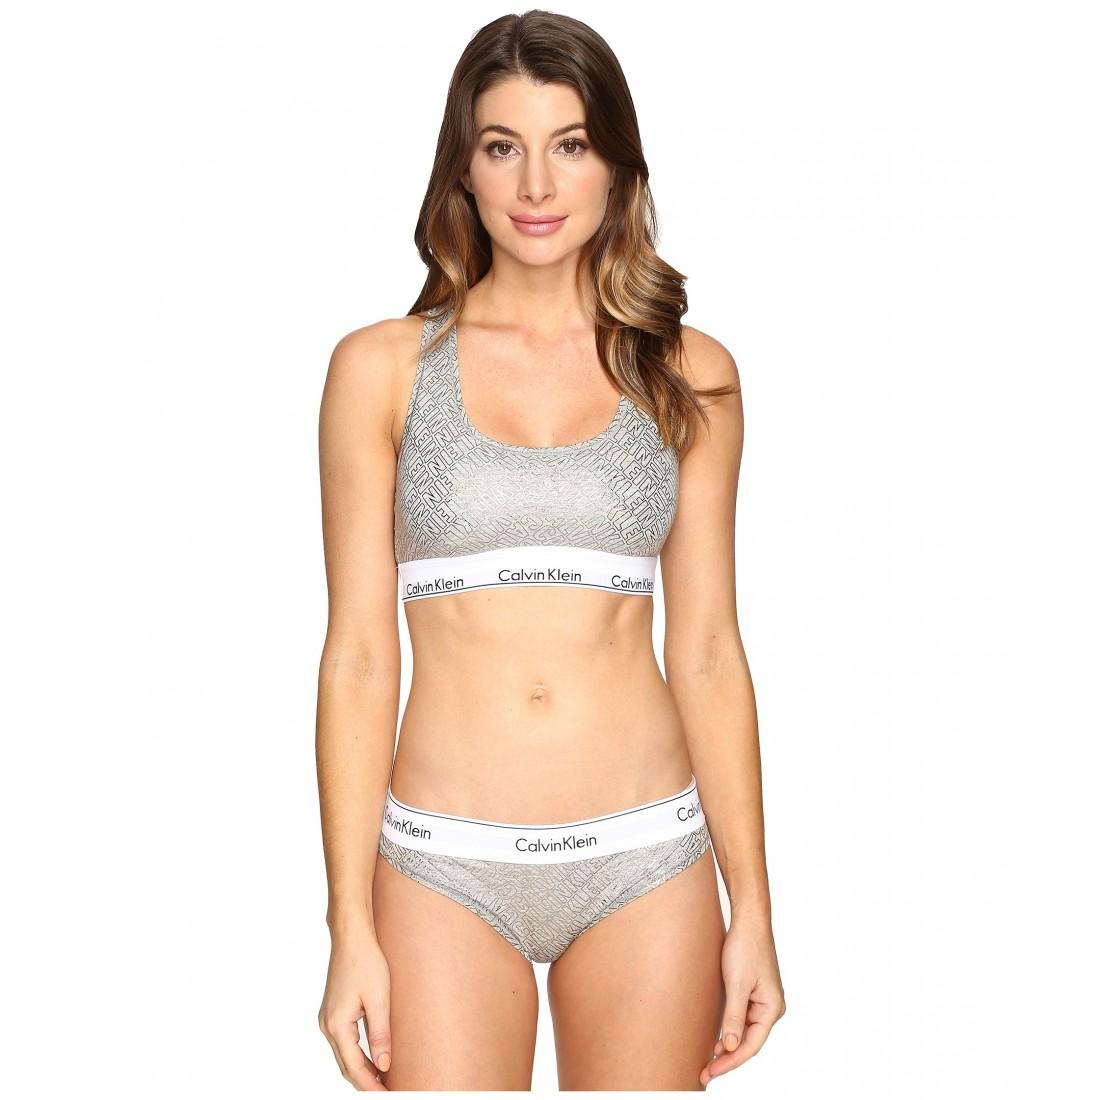 357254c13de Calvin Klein Underwear Modern Cotton Gift Set ZPSKU 8789734 Black